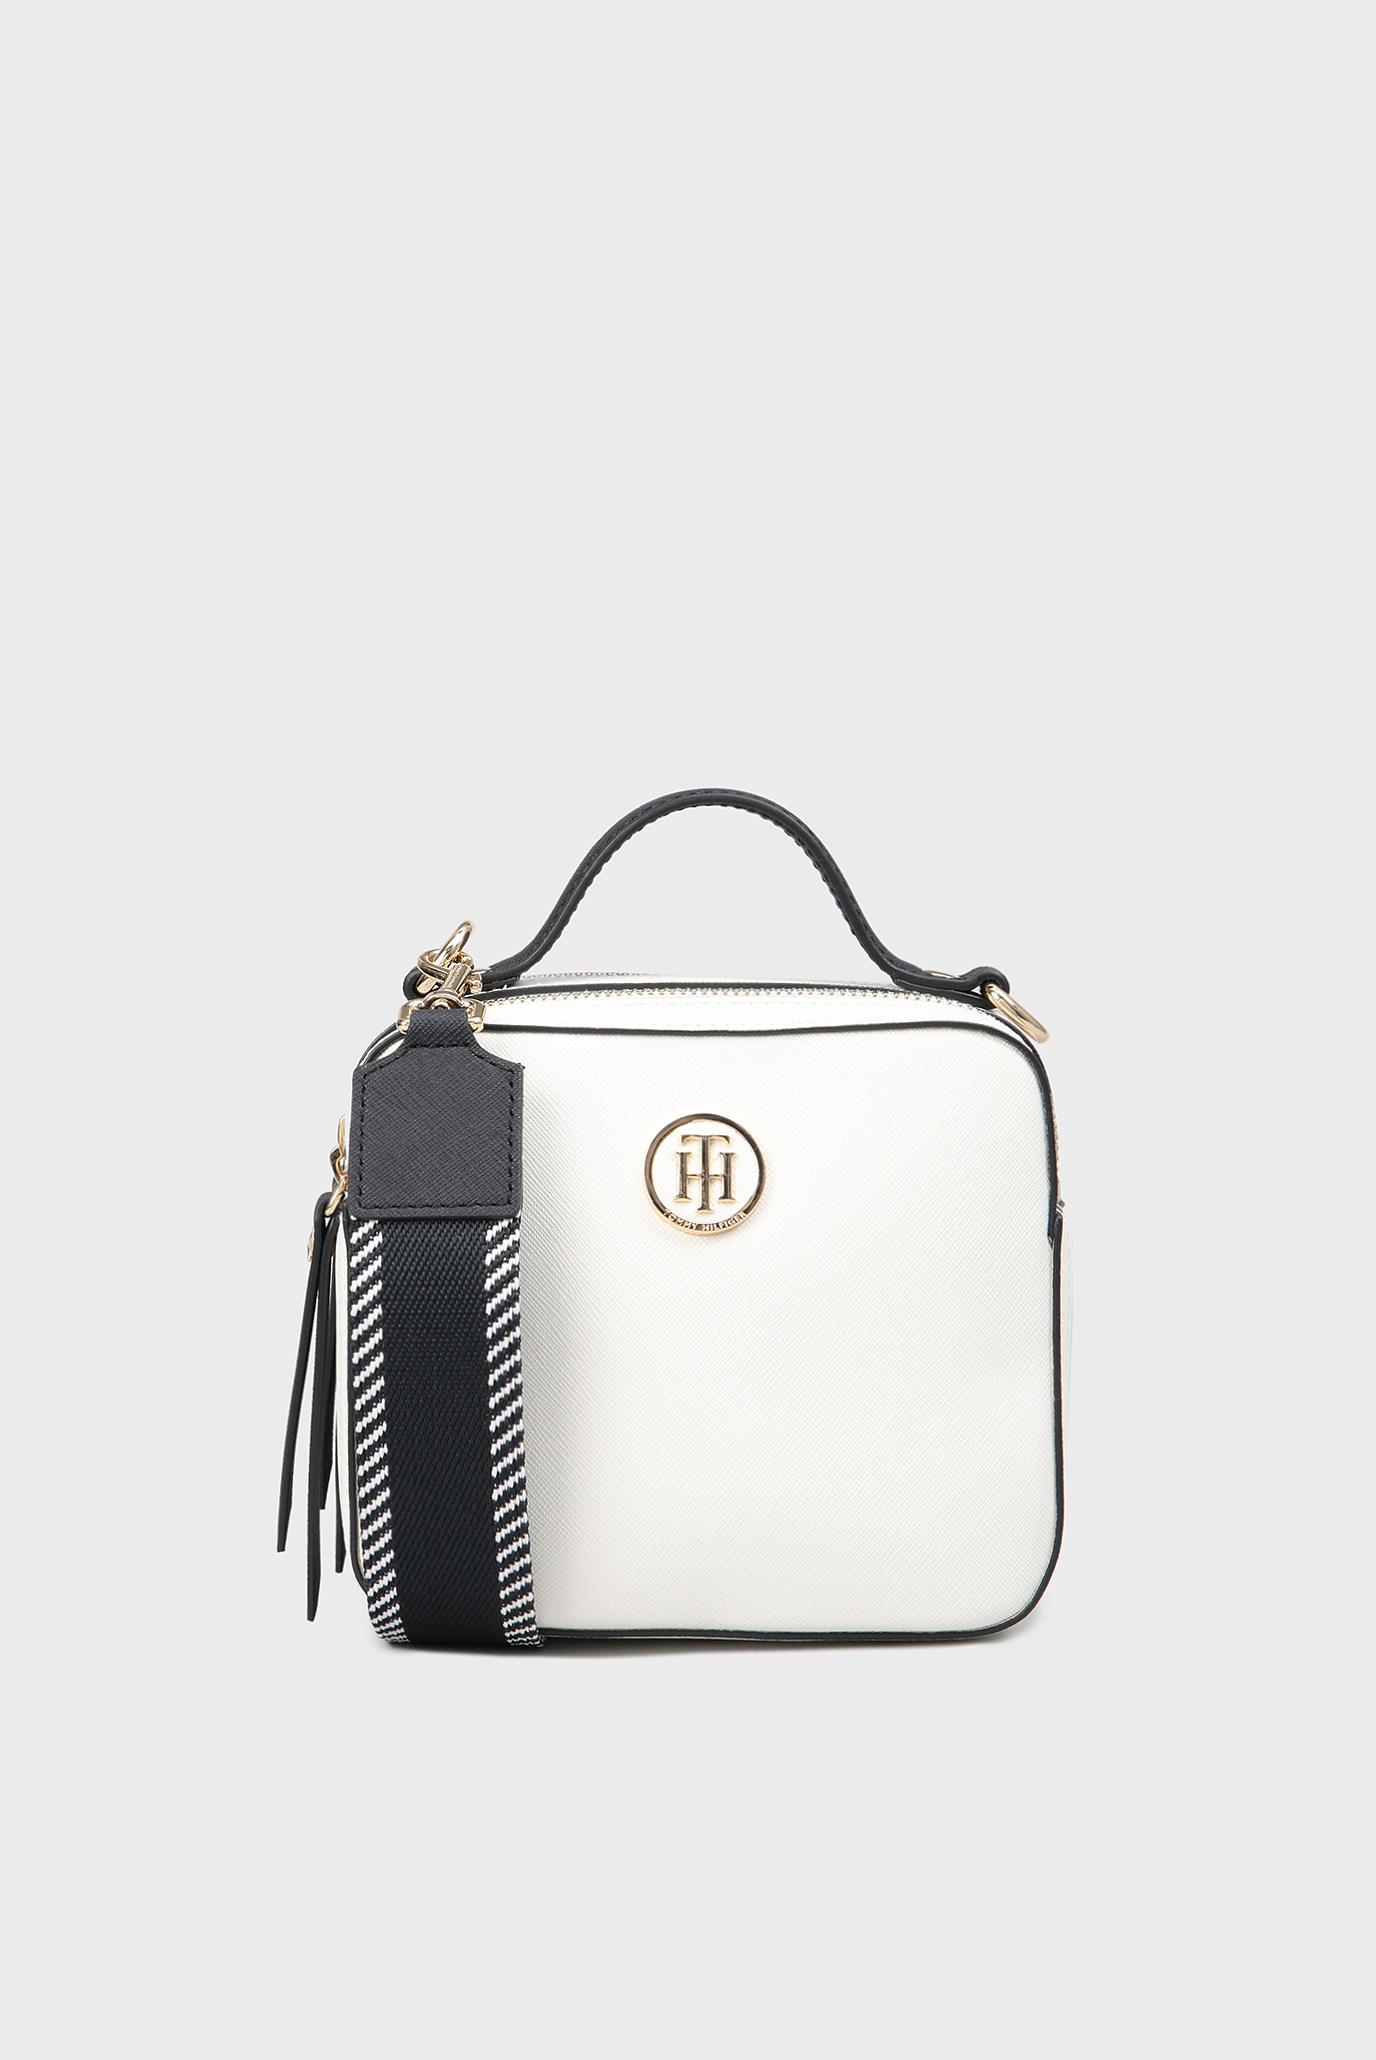 45a29ab29420 Купить Женская белая сумка через плечо Tommy Hilfiger Tommy Hilfiger  AW0AW05289 – Киев, Украина. Цены в интернет ...